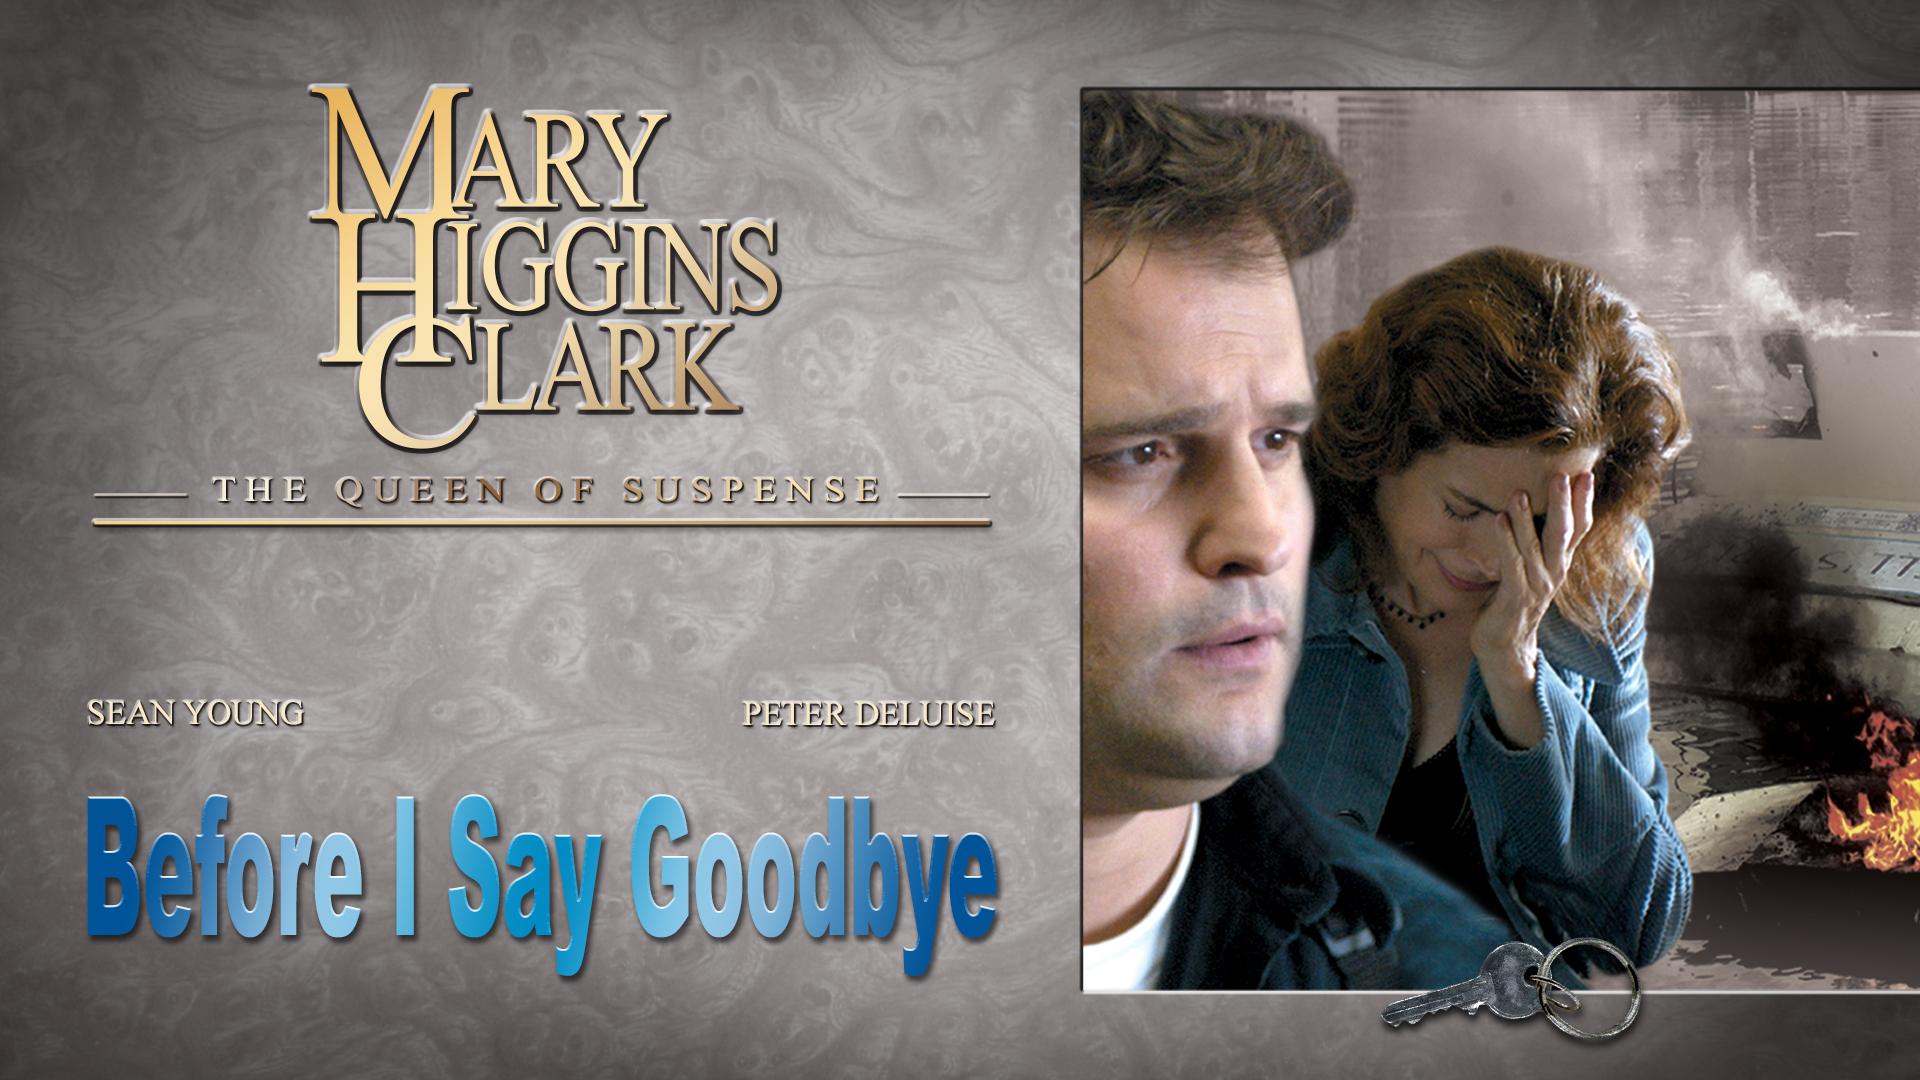 Mary Higgins Clark's: Before I Say Goodbye